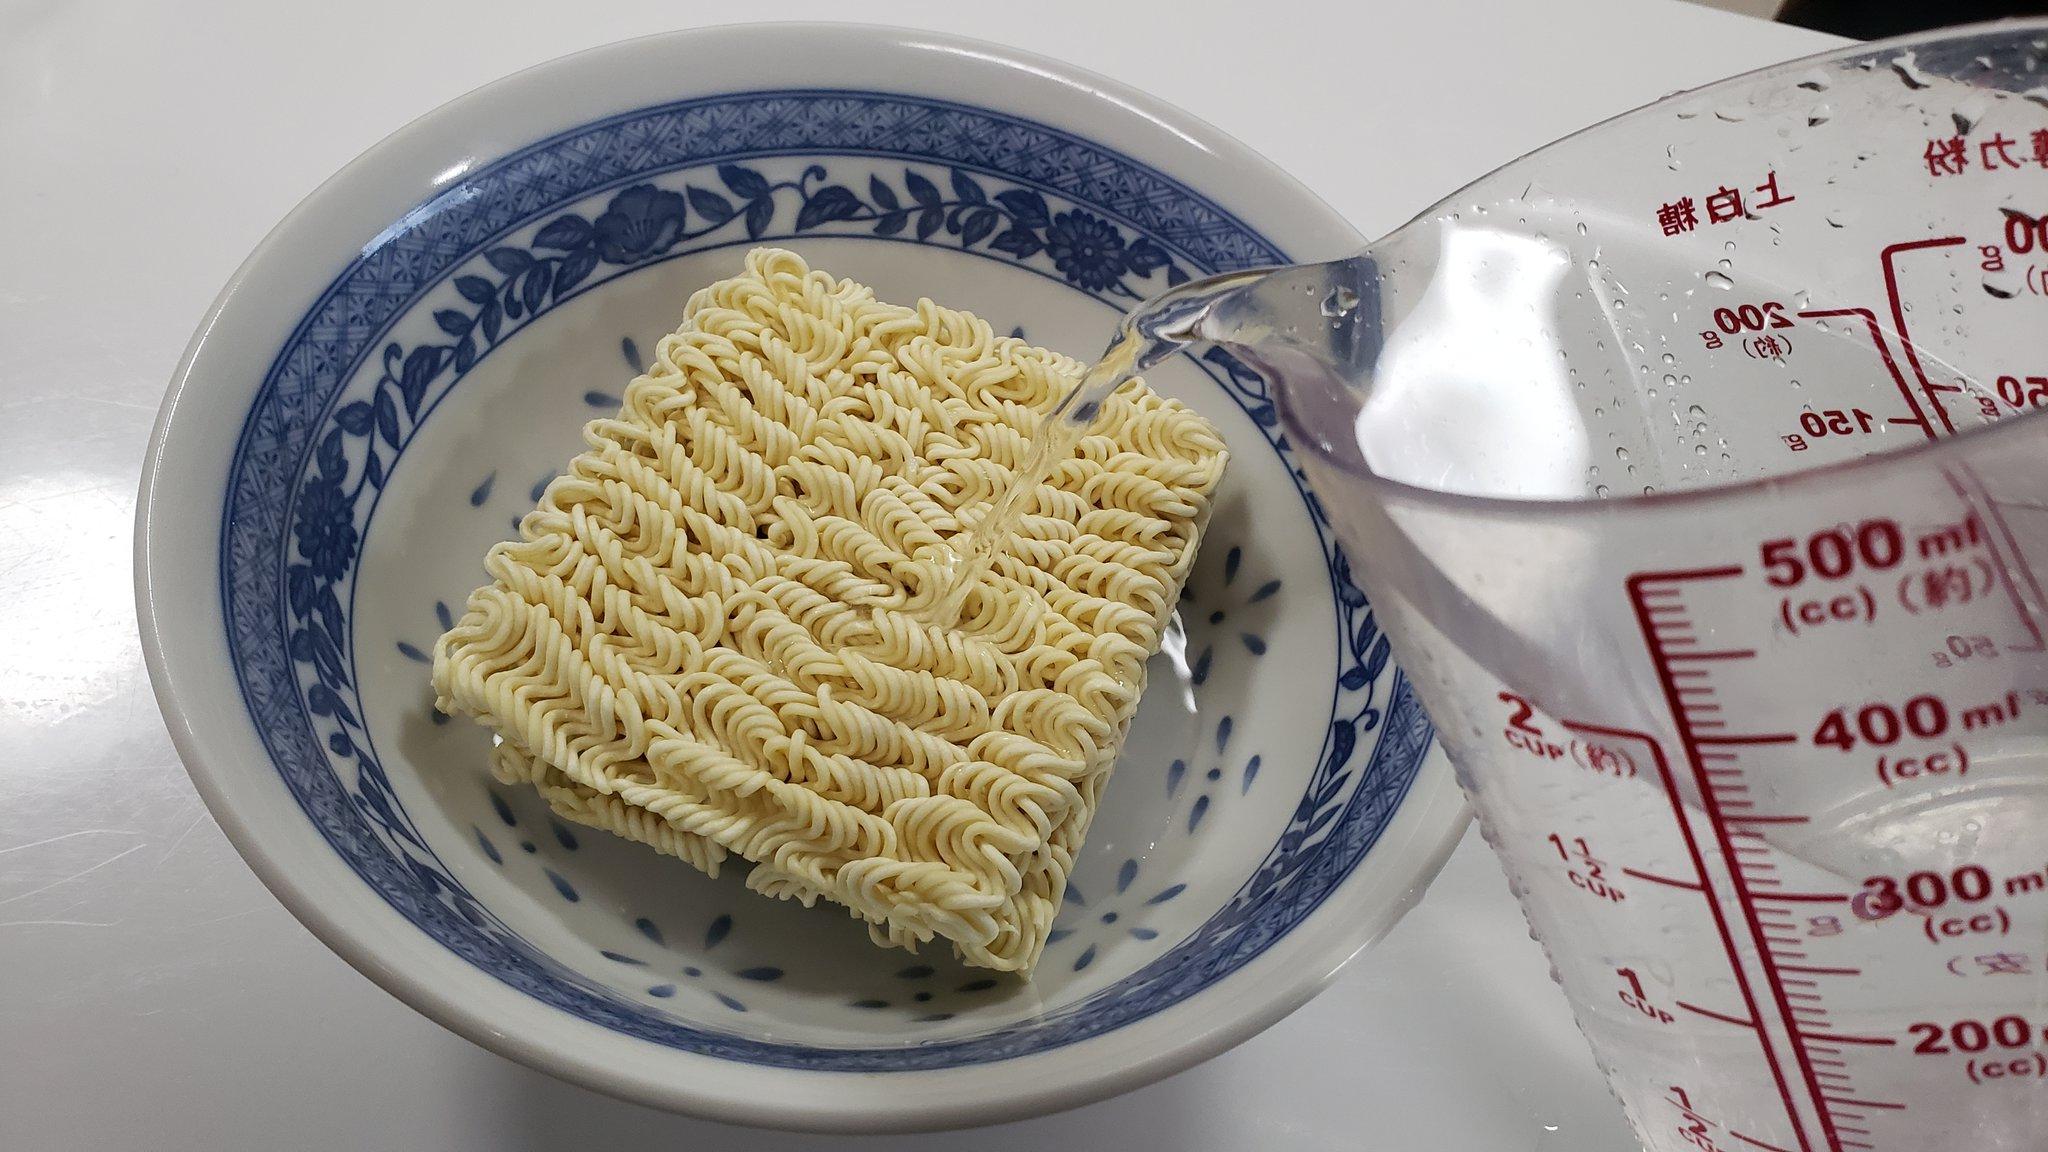 サッポロ一番って実は水だけで作れるんですよ 乾麺を水450ccに浸して25分くらい置くと麺がかなりもどる おまけに付属の粉末スープは水に溶けるようになってるのでスープも旨い 水さえあればりっぱな食料になるので台風対策に是非 #台風対策